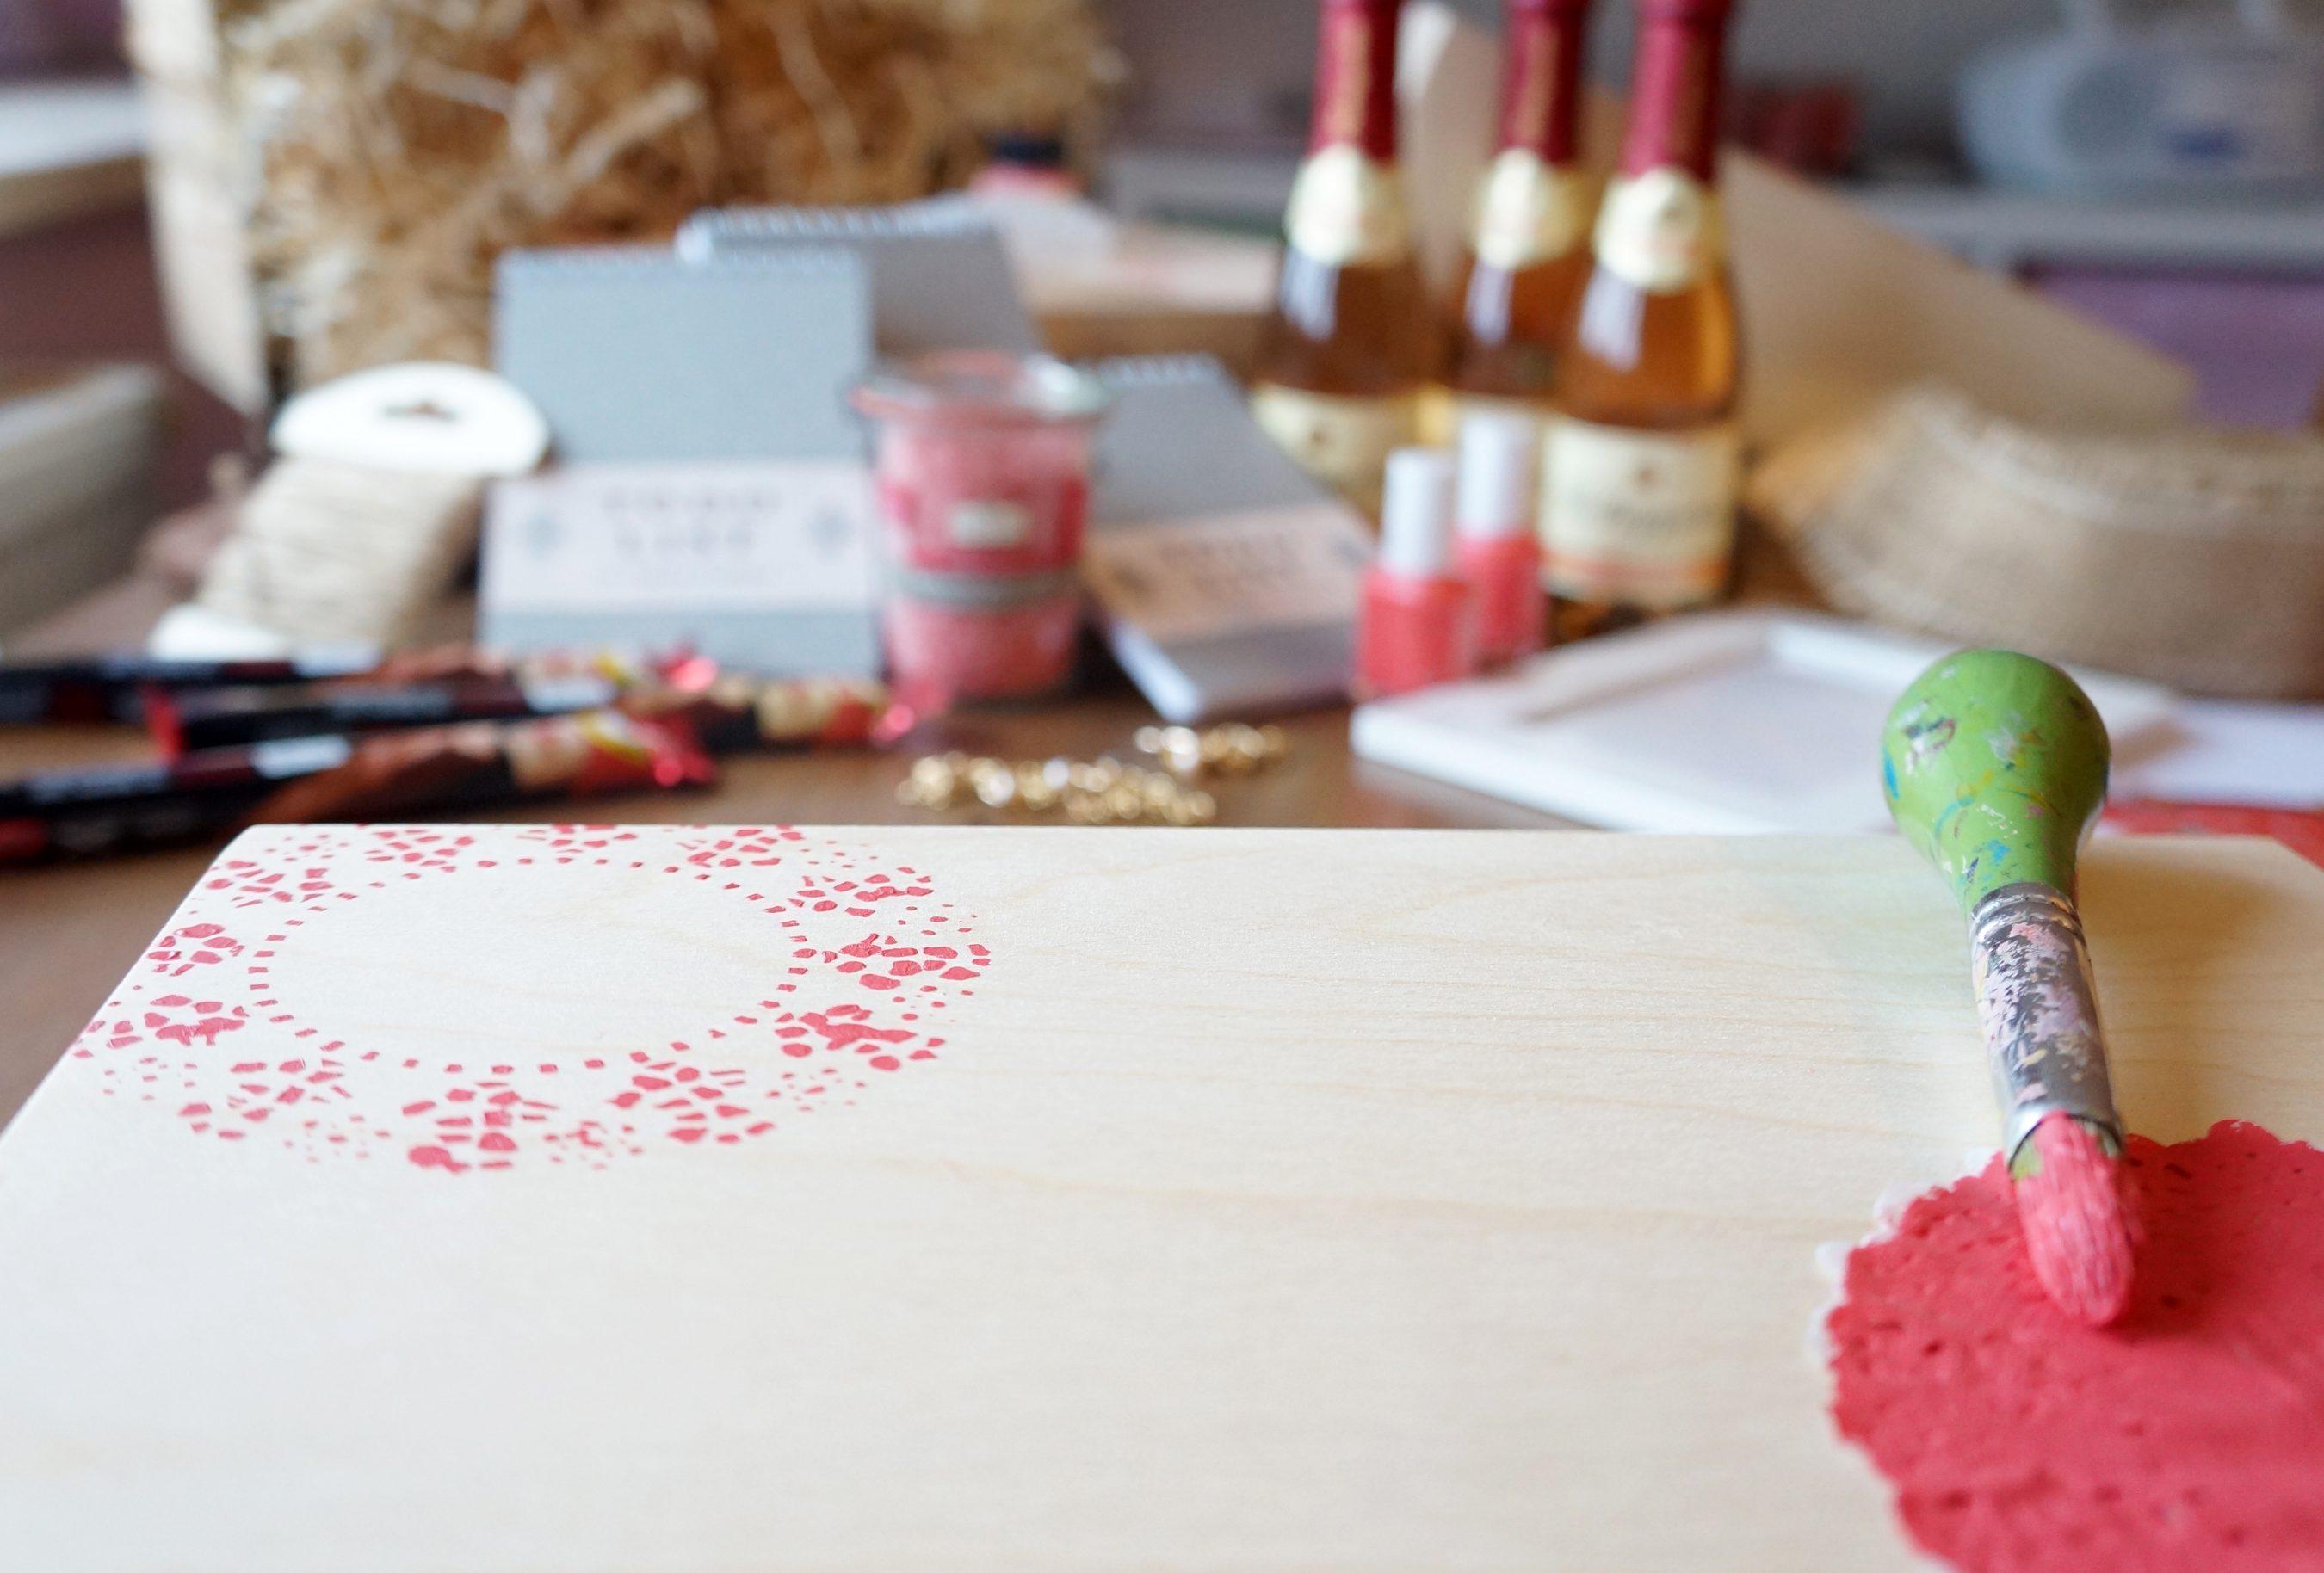 DIY Idee Geschenk Box Brautjungfer Trauzeugin Doilies Schablone